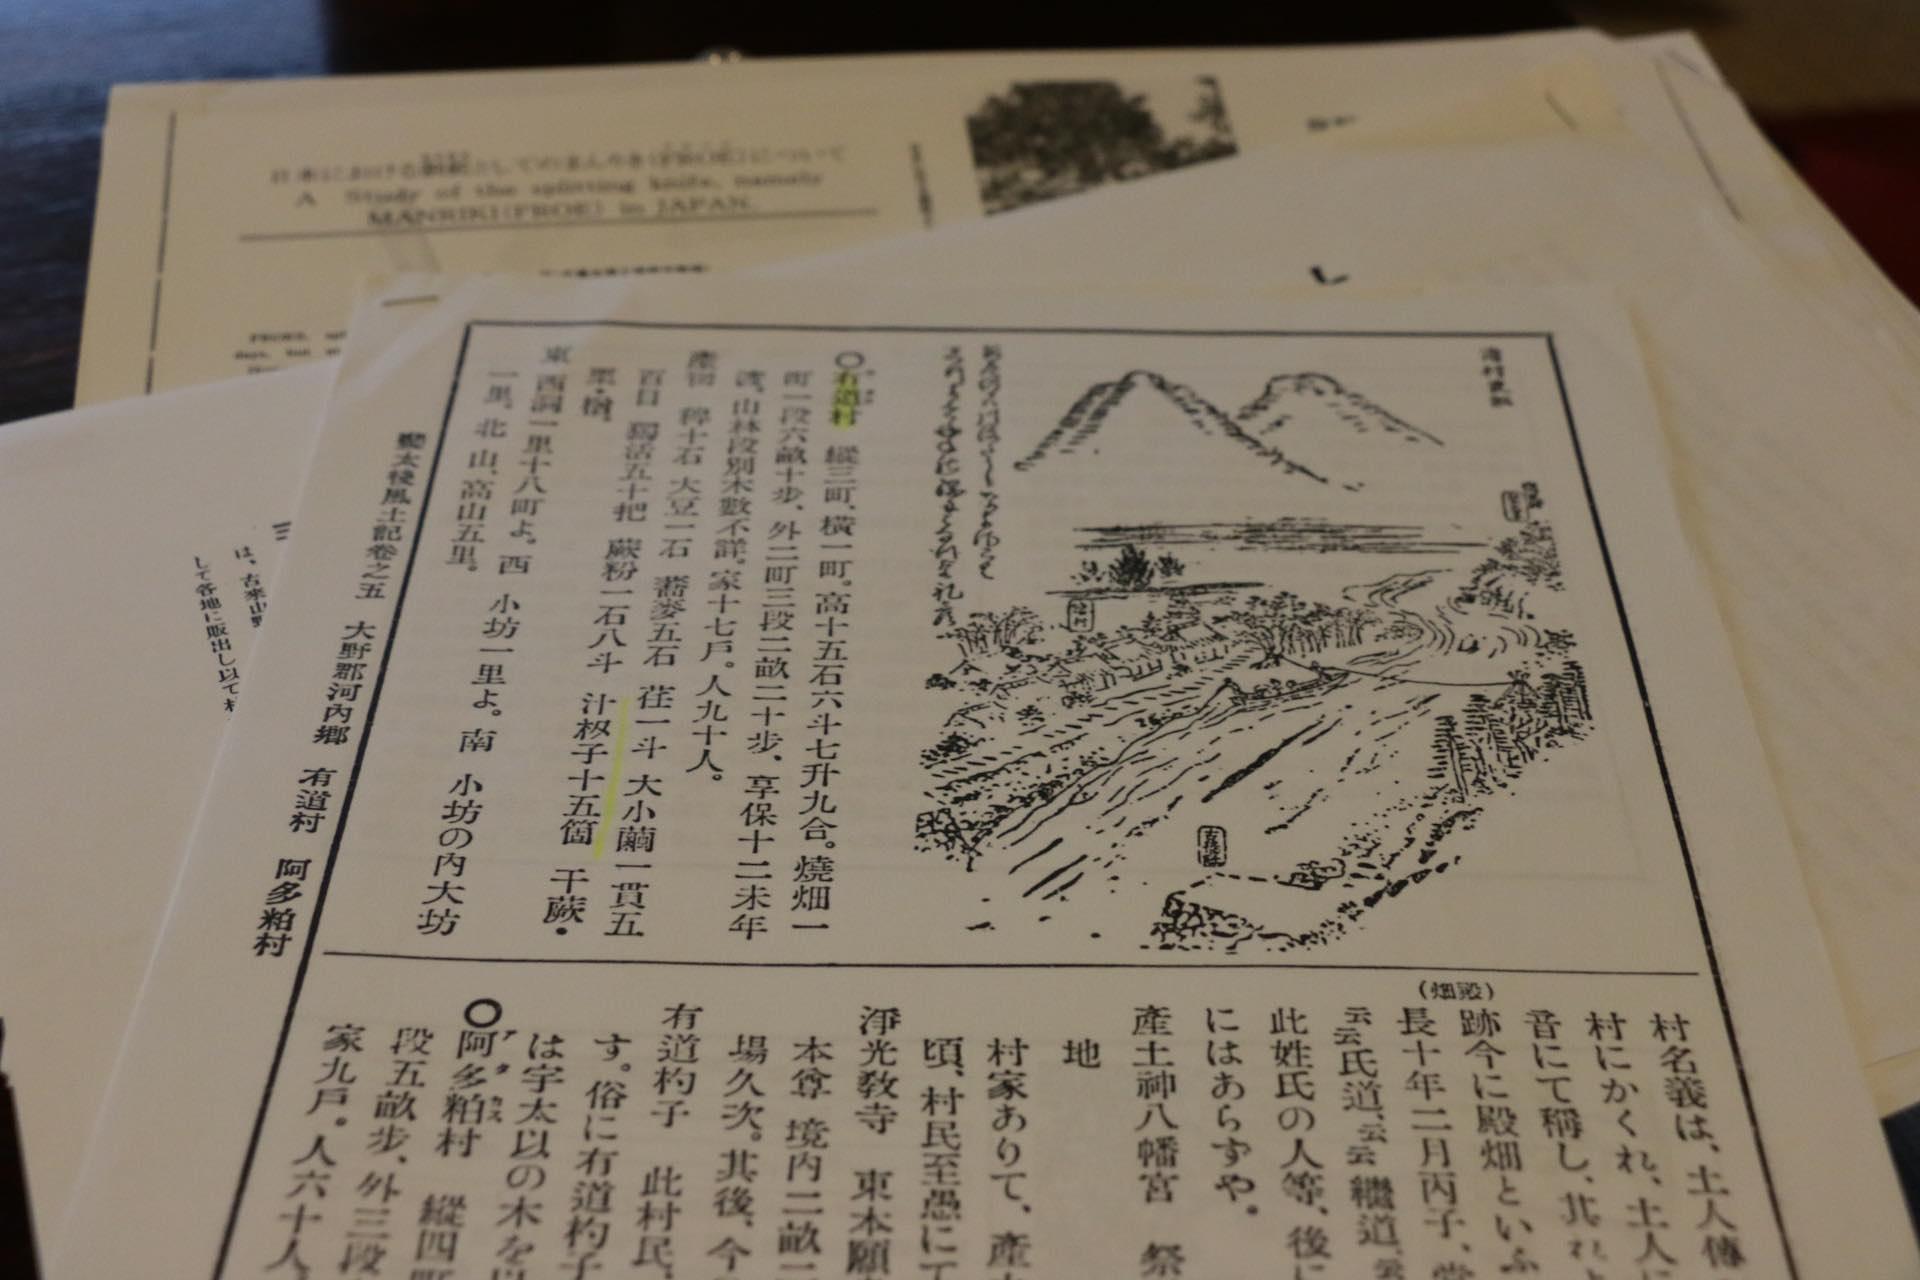 昔の有道村の事が書かれた資料。口頭で受け継がれてきた作り方や形を、奥井さんはこうした古い文献に当たって復刻しています